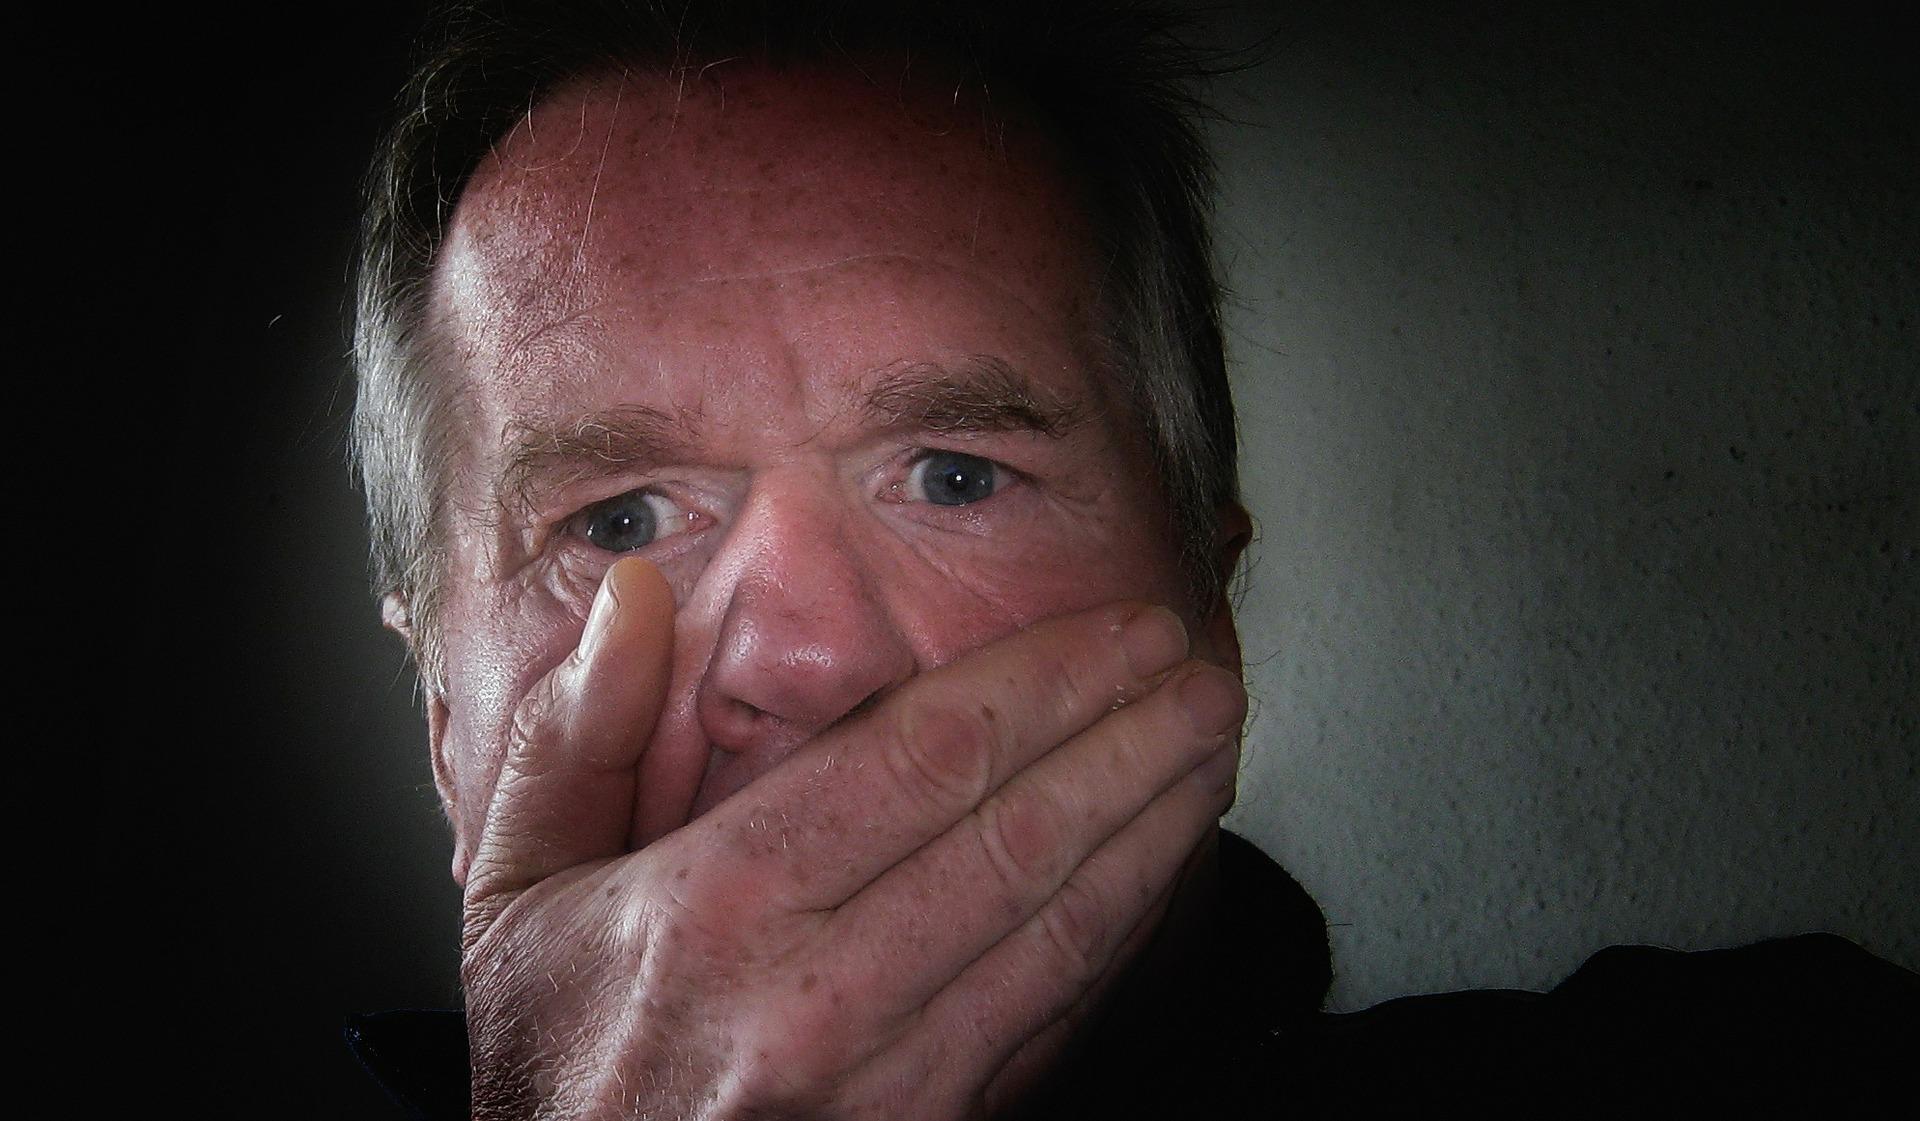 sind blutende hämorrhoiden gefährlich?